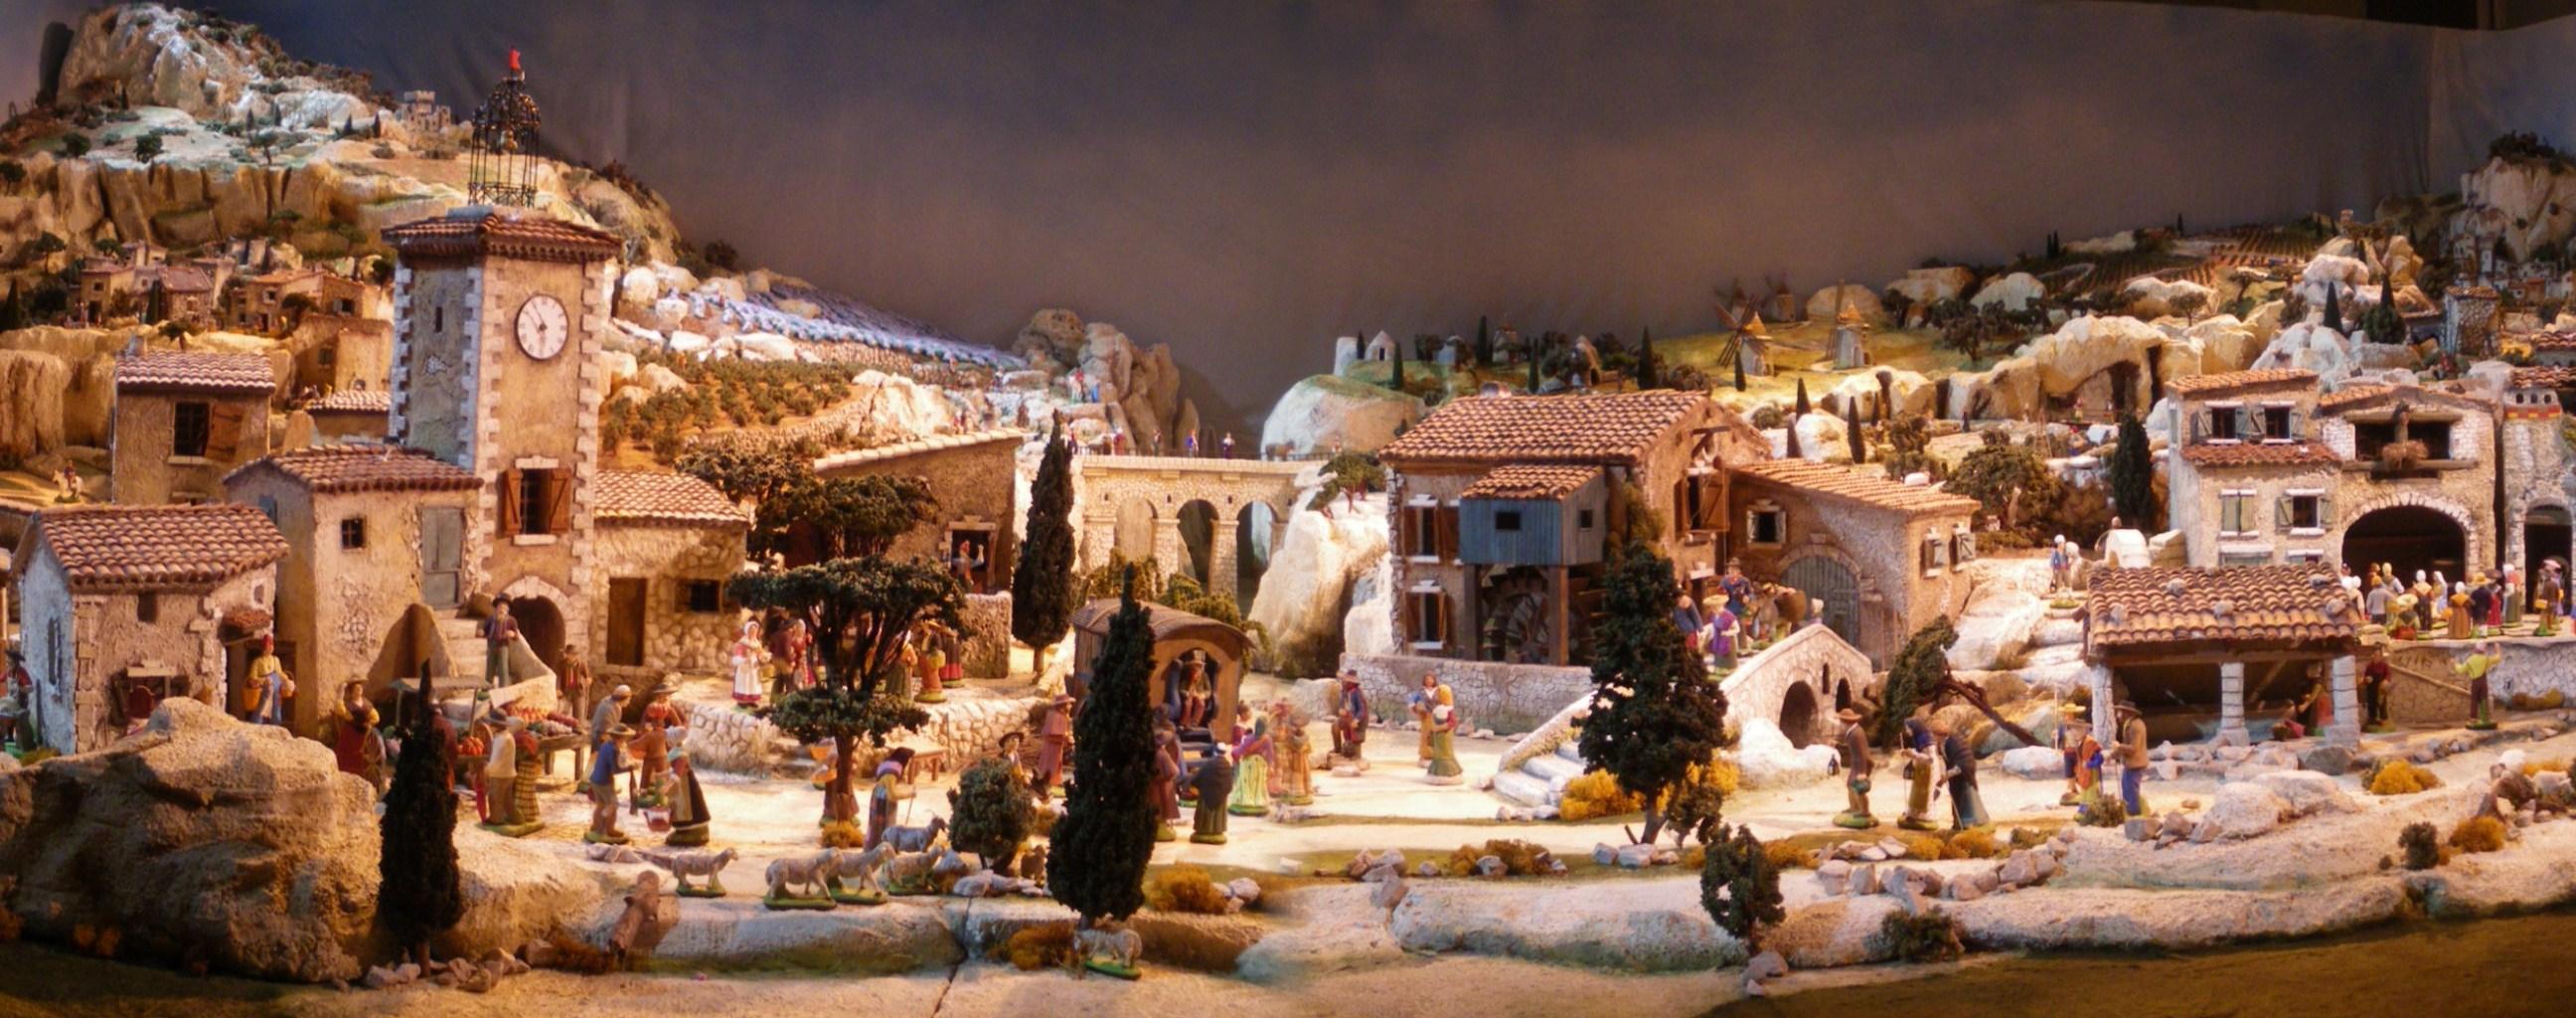 Weihnachtsbrauch in Frankreich